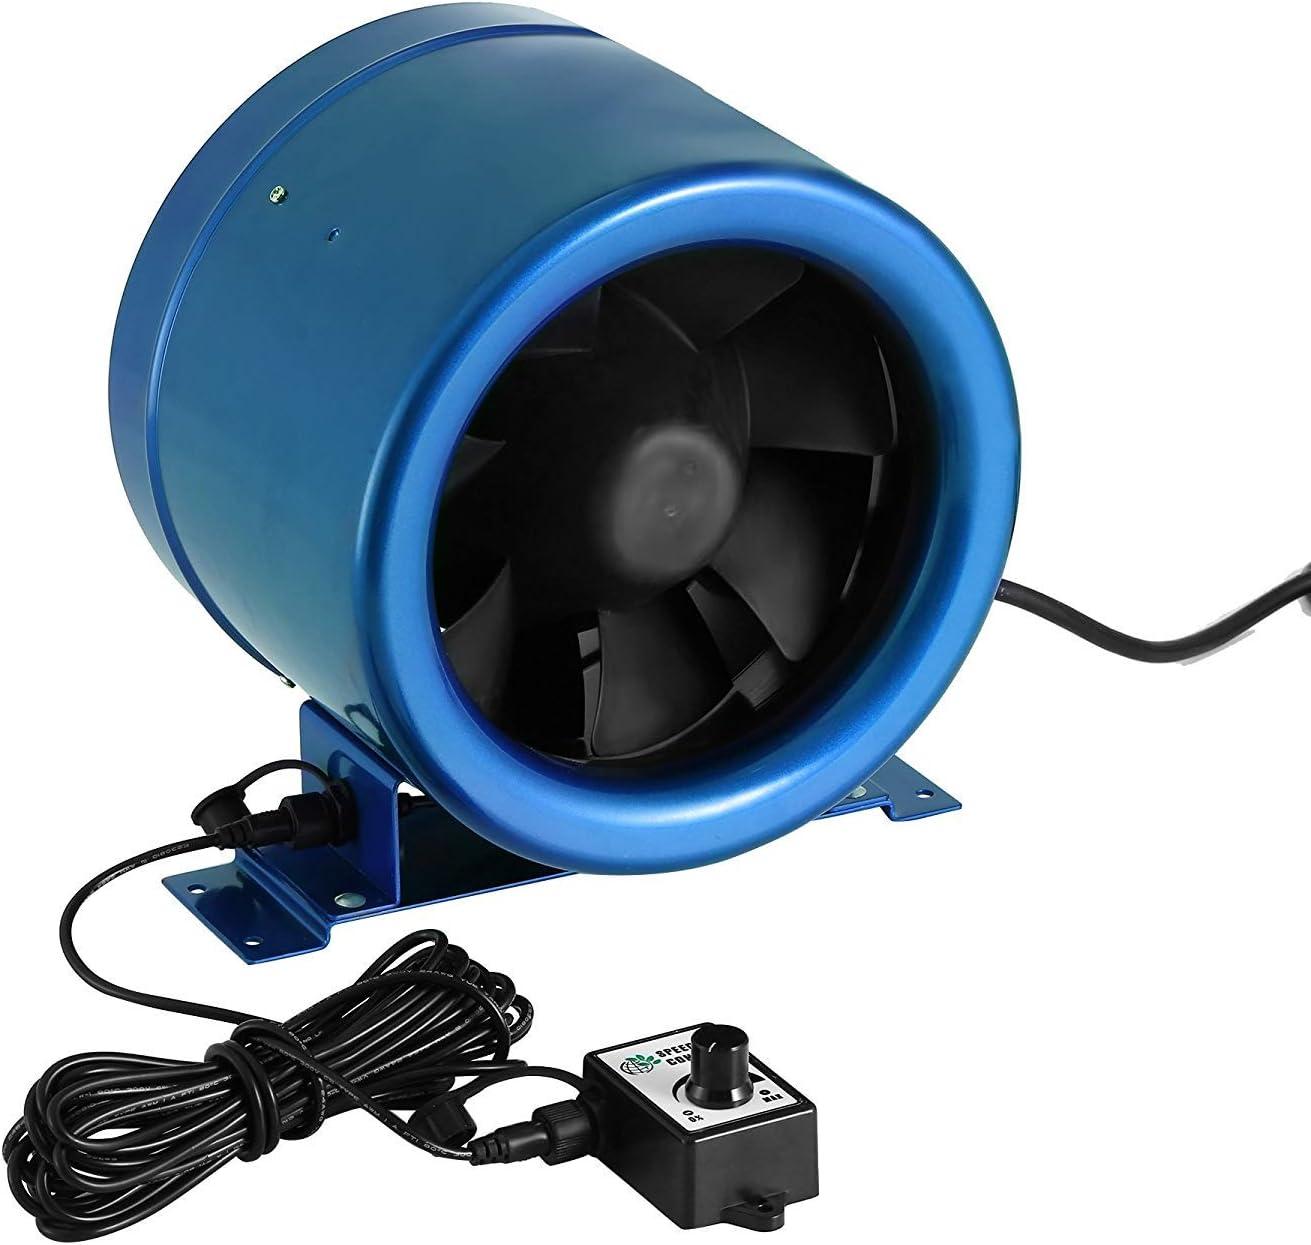 GYPQS Sin Escala regulación de revoluciones del Ventilador de Tubo Circular 125/5 Pulgadas silencioso de Escape Ventilador de ventilación de la Cocina del Hotel Potente Ventilador de conducto